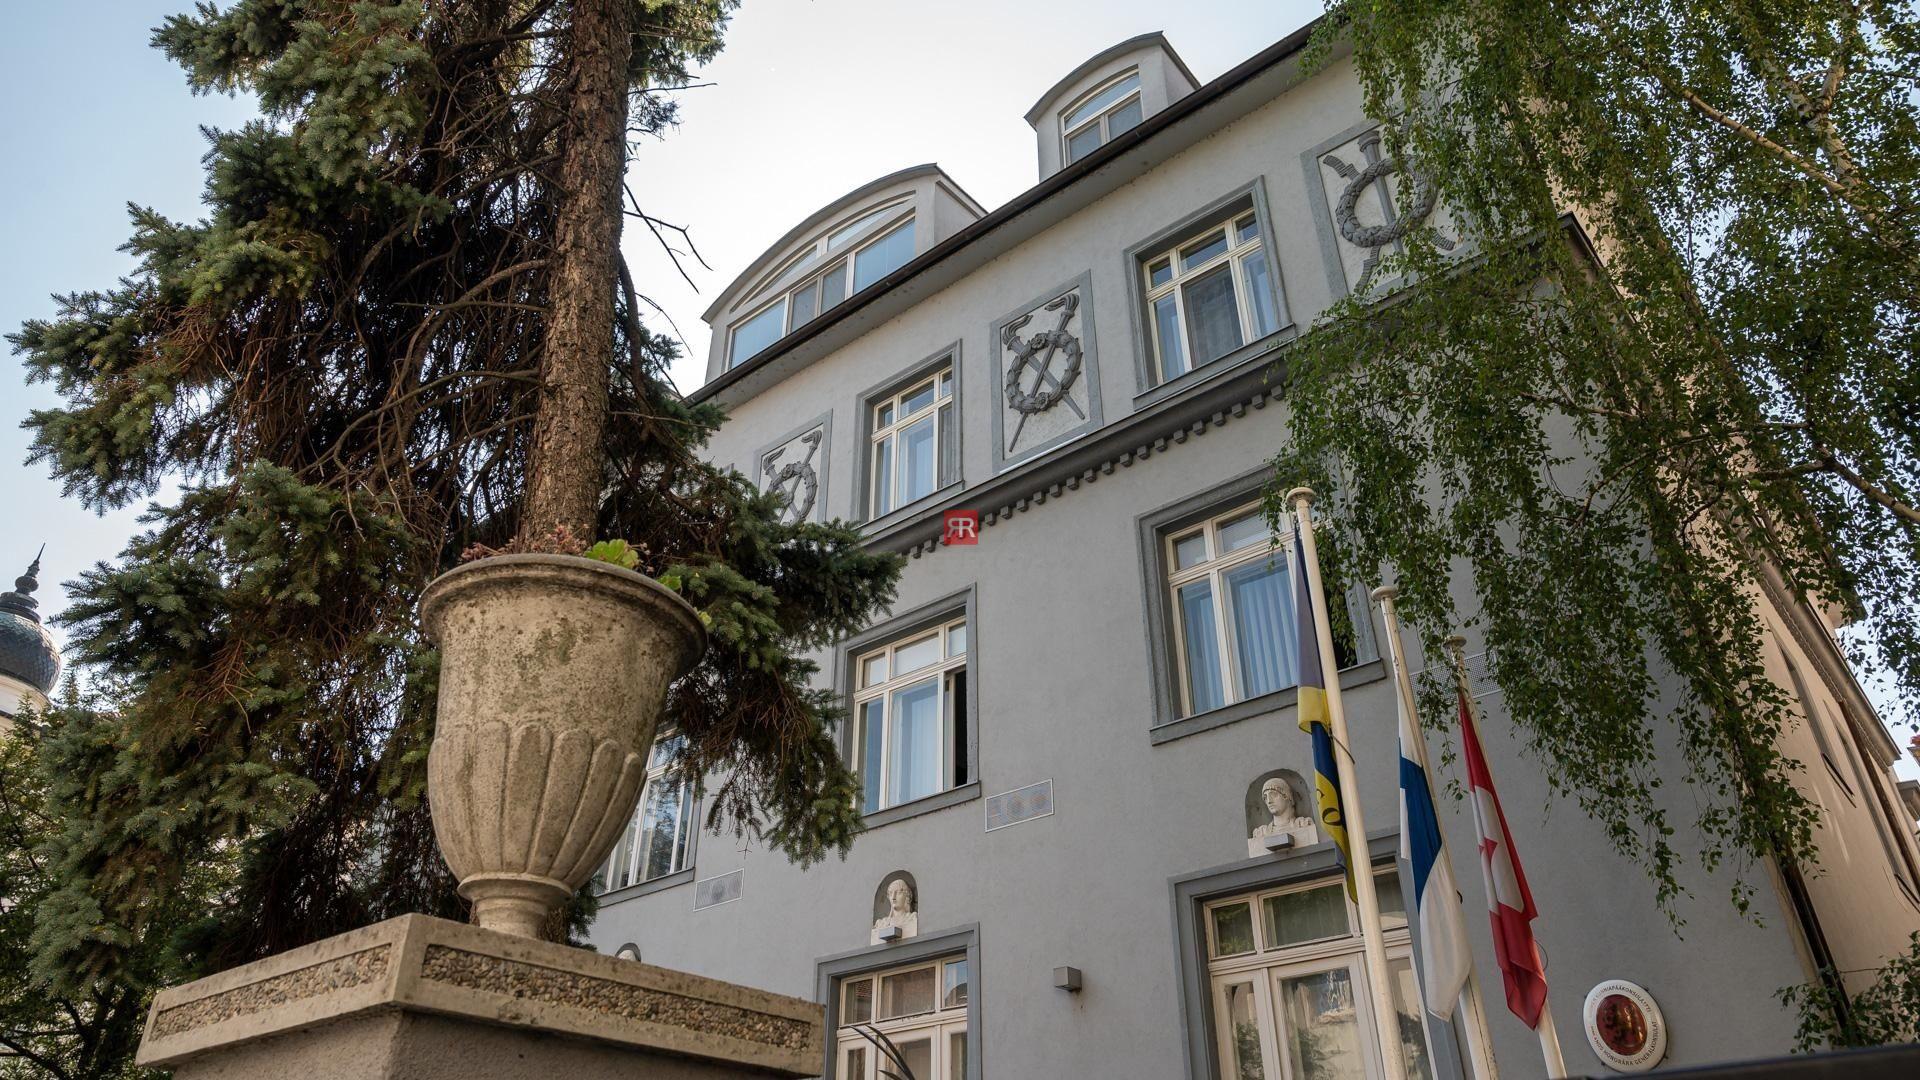 HERRYS - Na predaj veľkometrážneho 4 izbového bytu na najvyššom poschodí s krbom aterasou v mestskej vile, Moyzesova ulica - REZERVOVANÉ